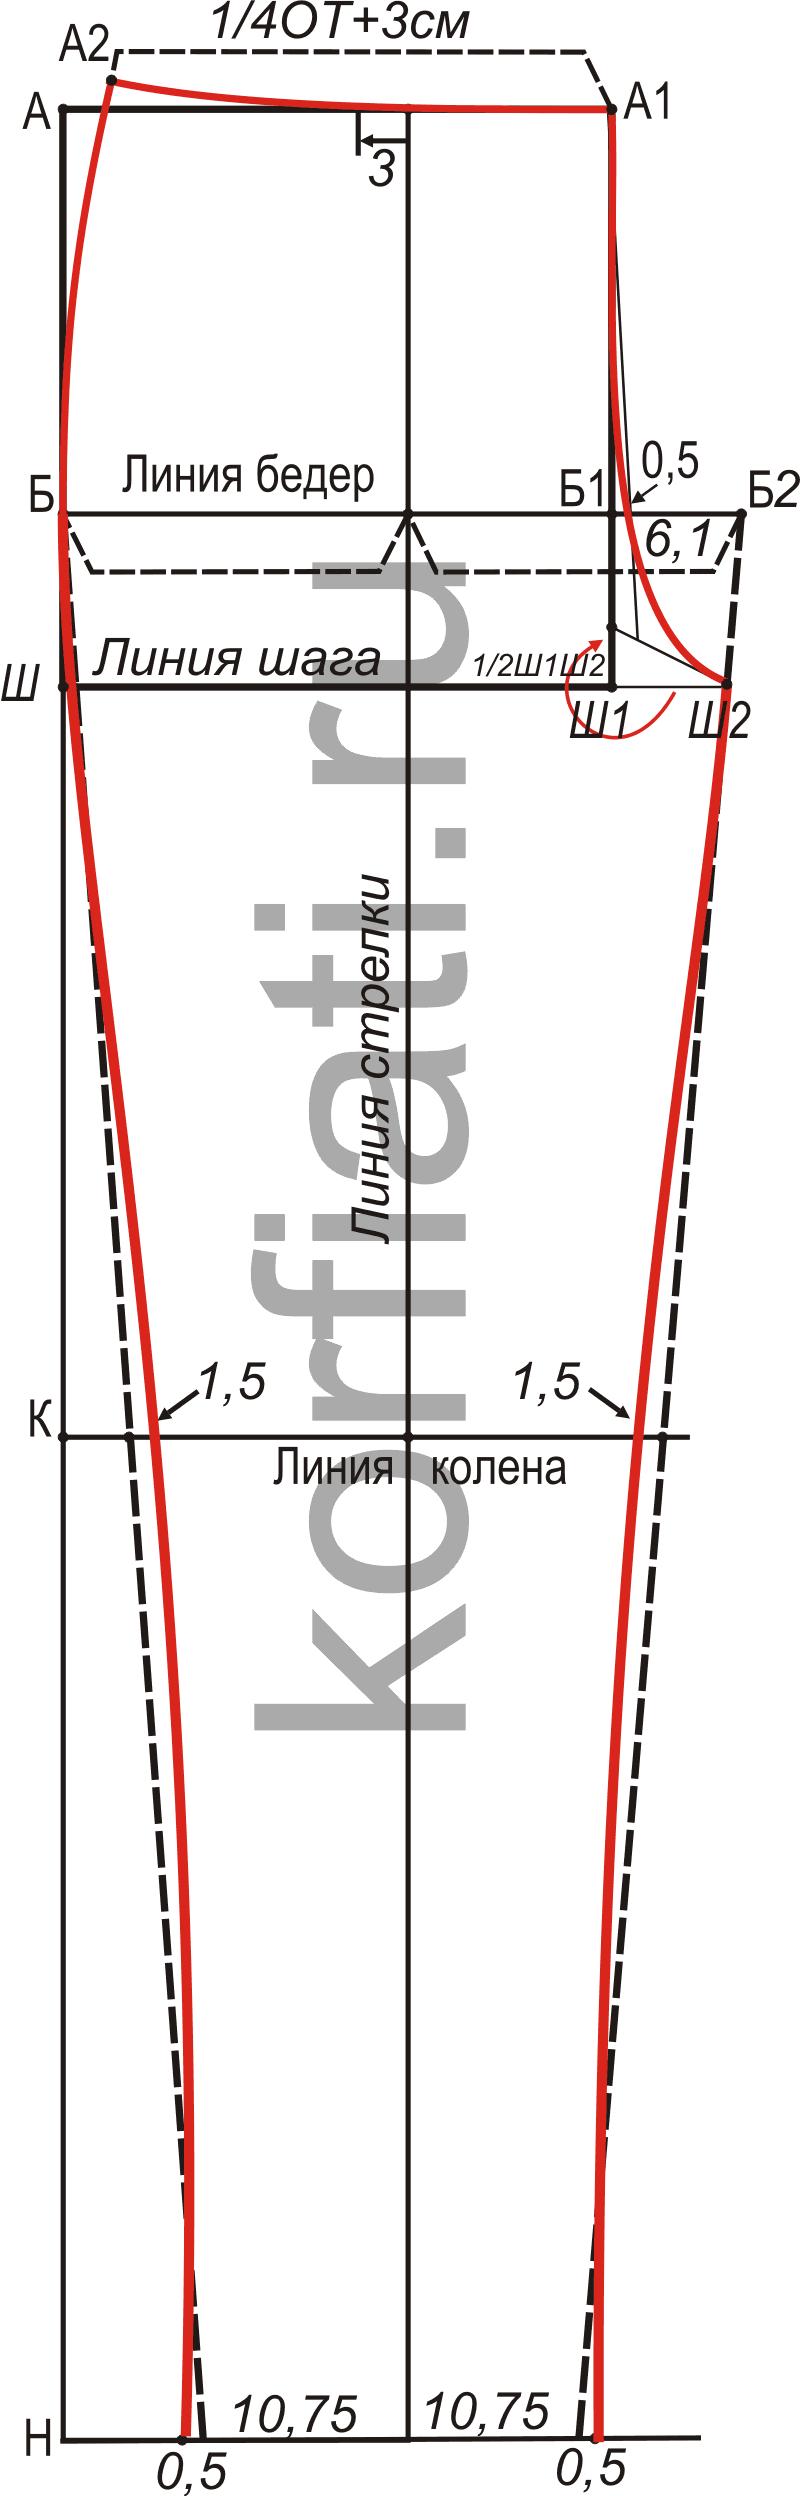 Пошаговая инструкция выкройки джинсов фото 747